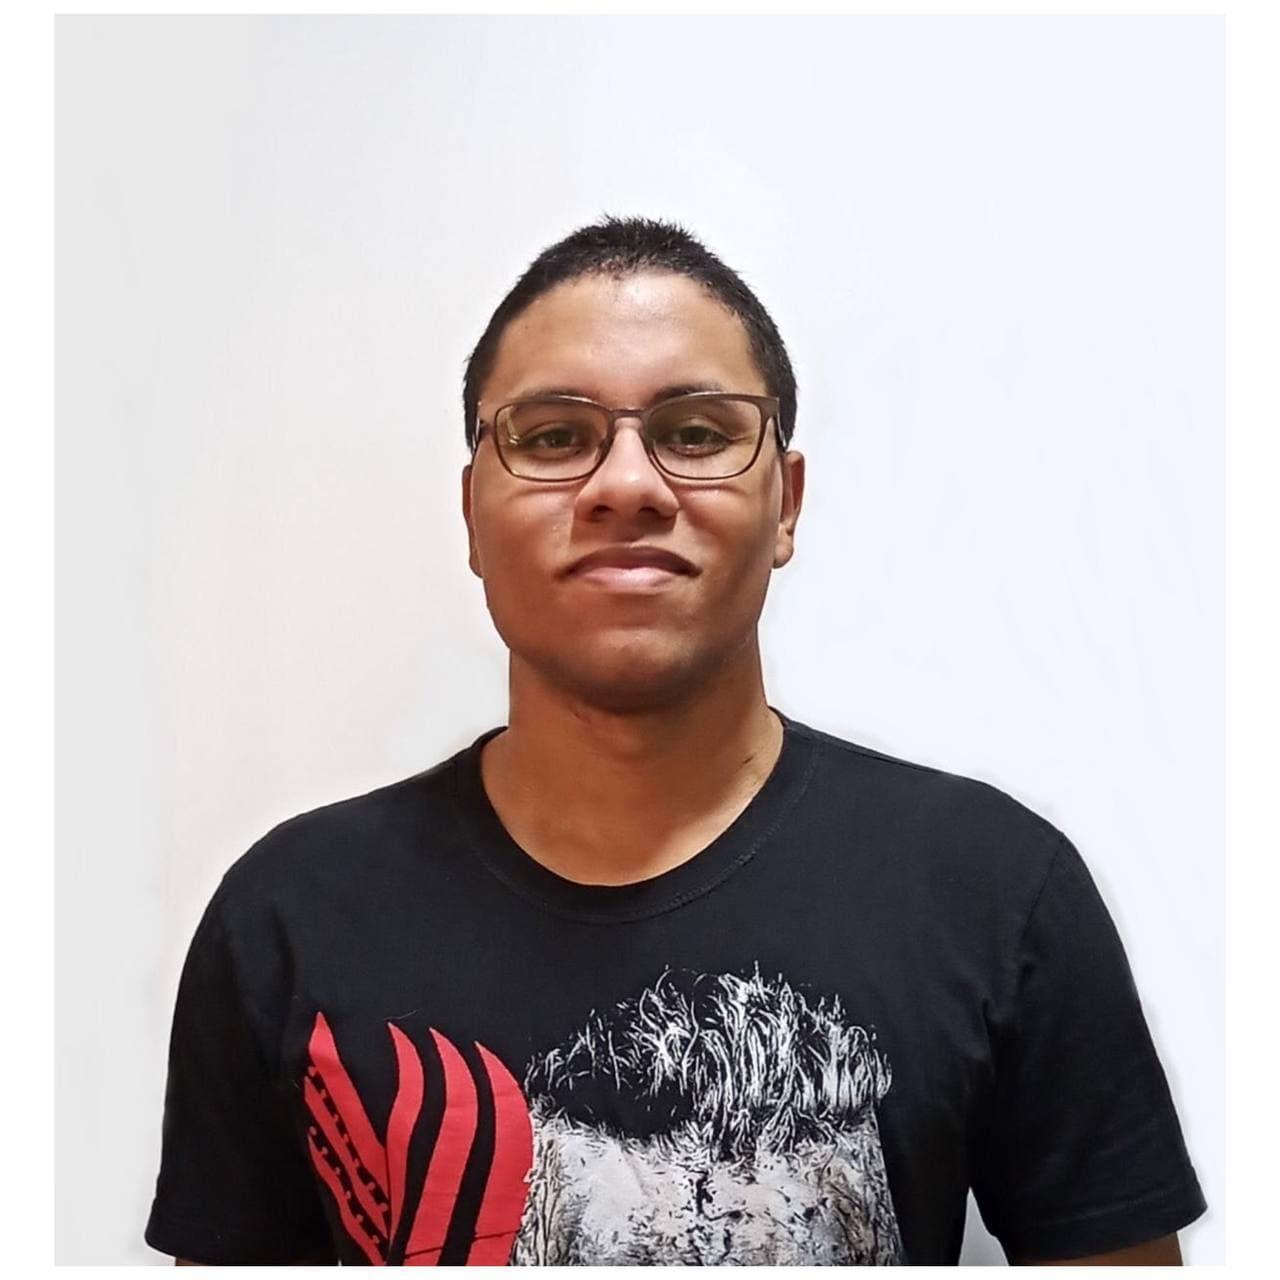 Luiz Santana